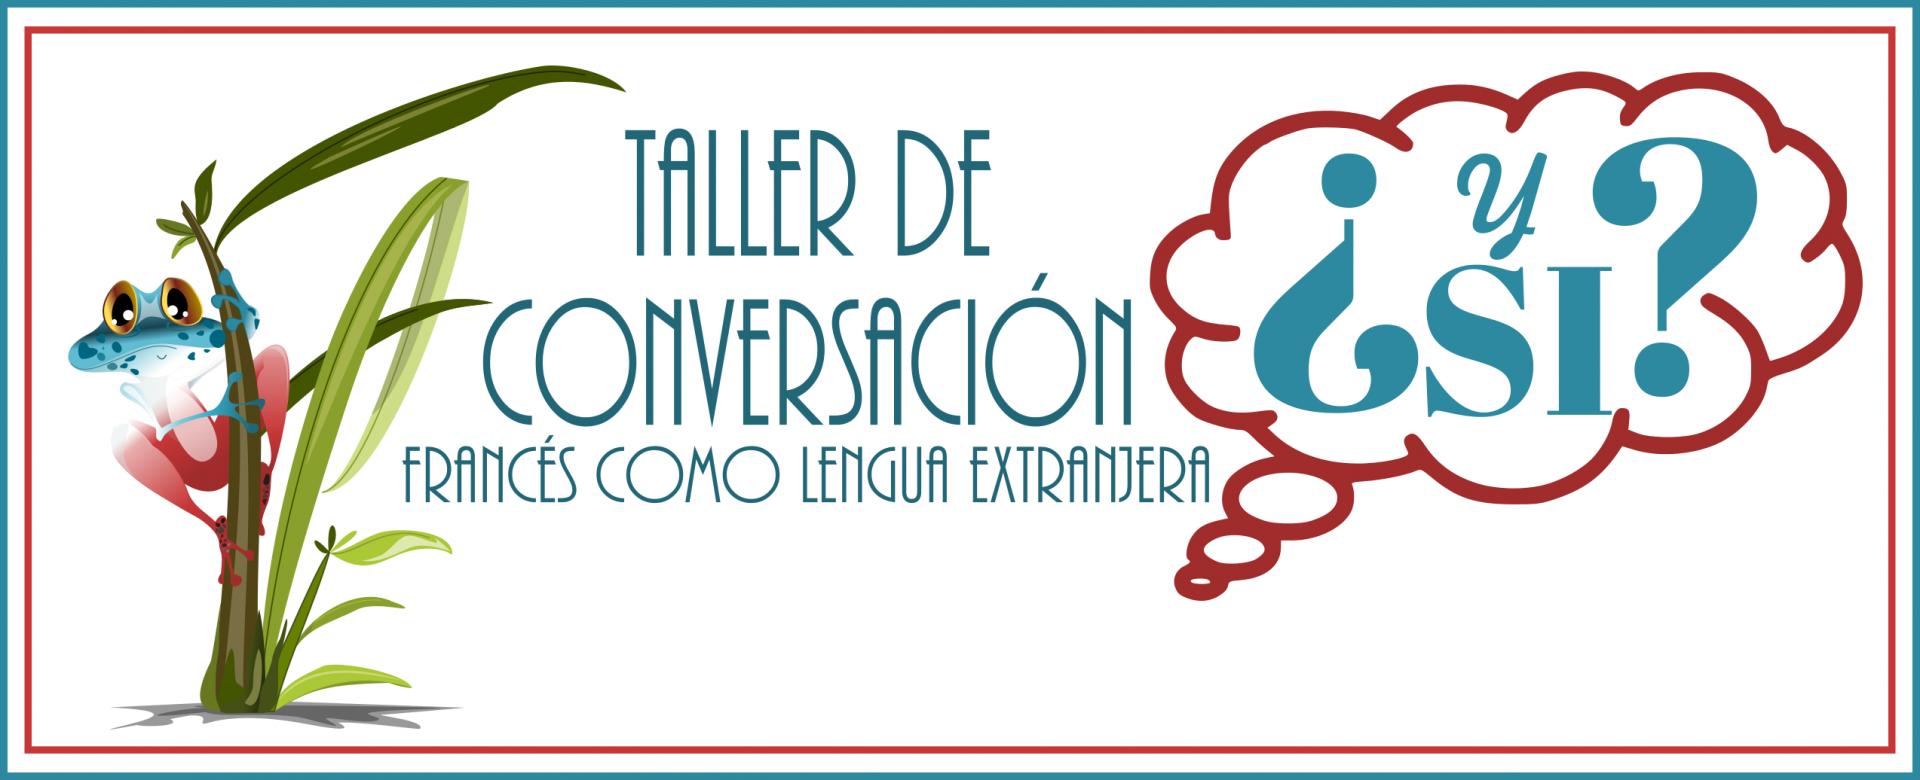 Taller de conversación en francés: Y si?